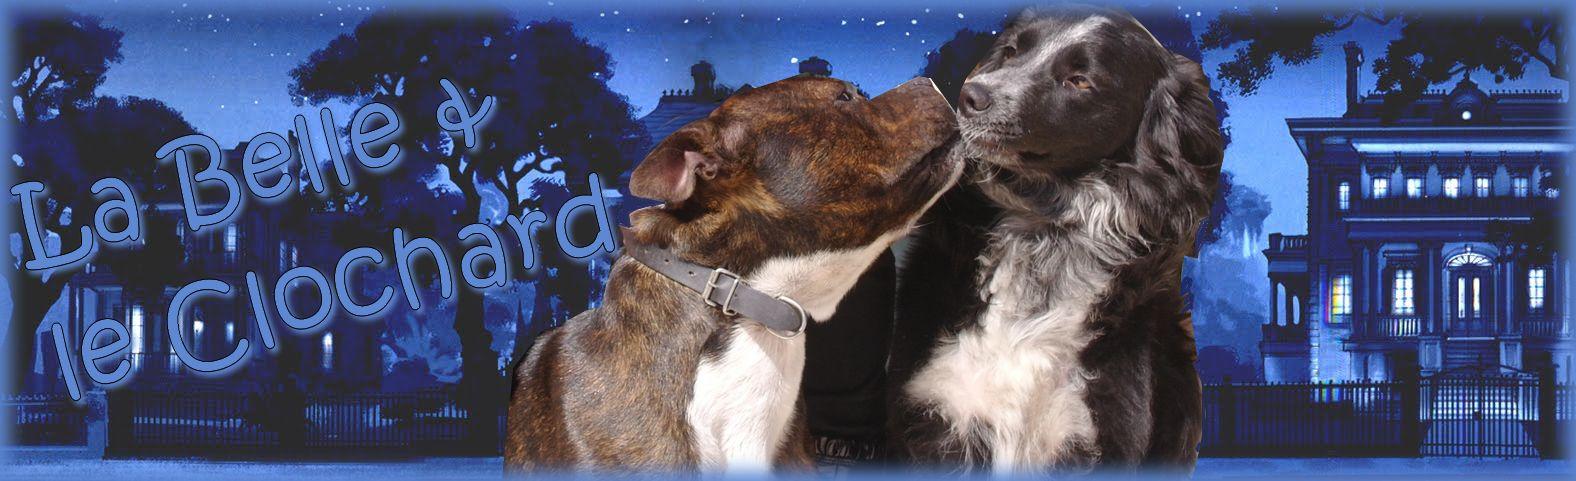 Helma & Spike amoureux